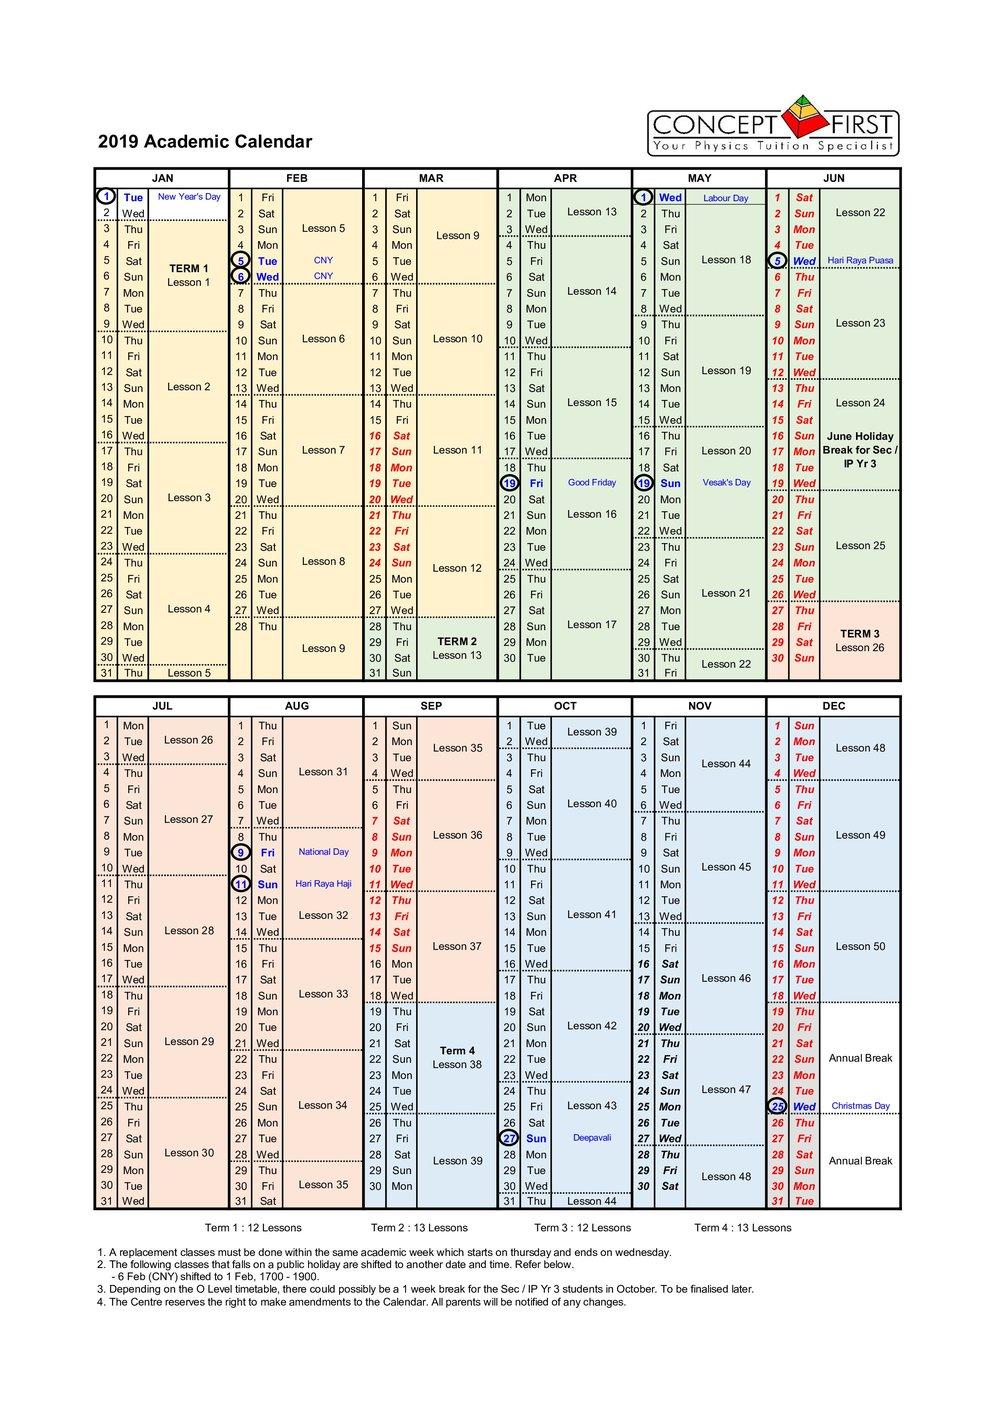 Calendar 2019 and TnC Colour_000.jpg